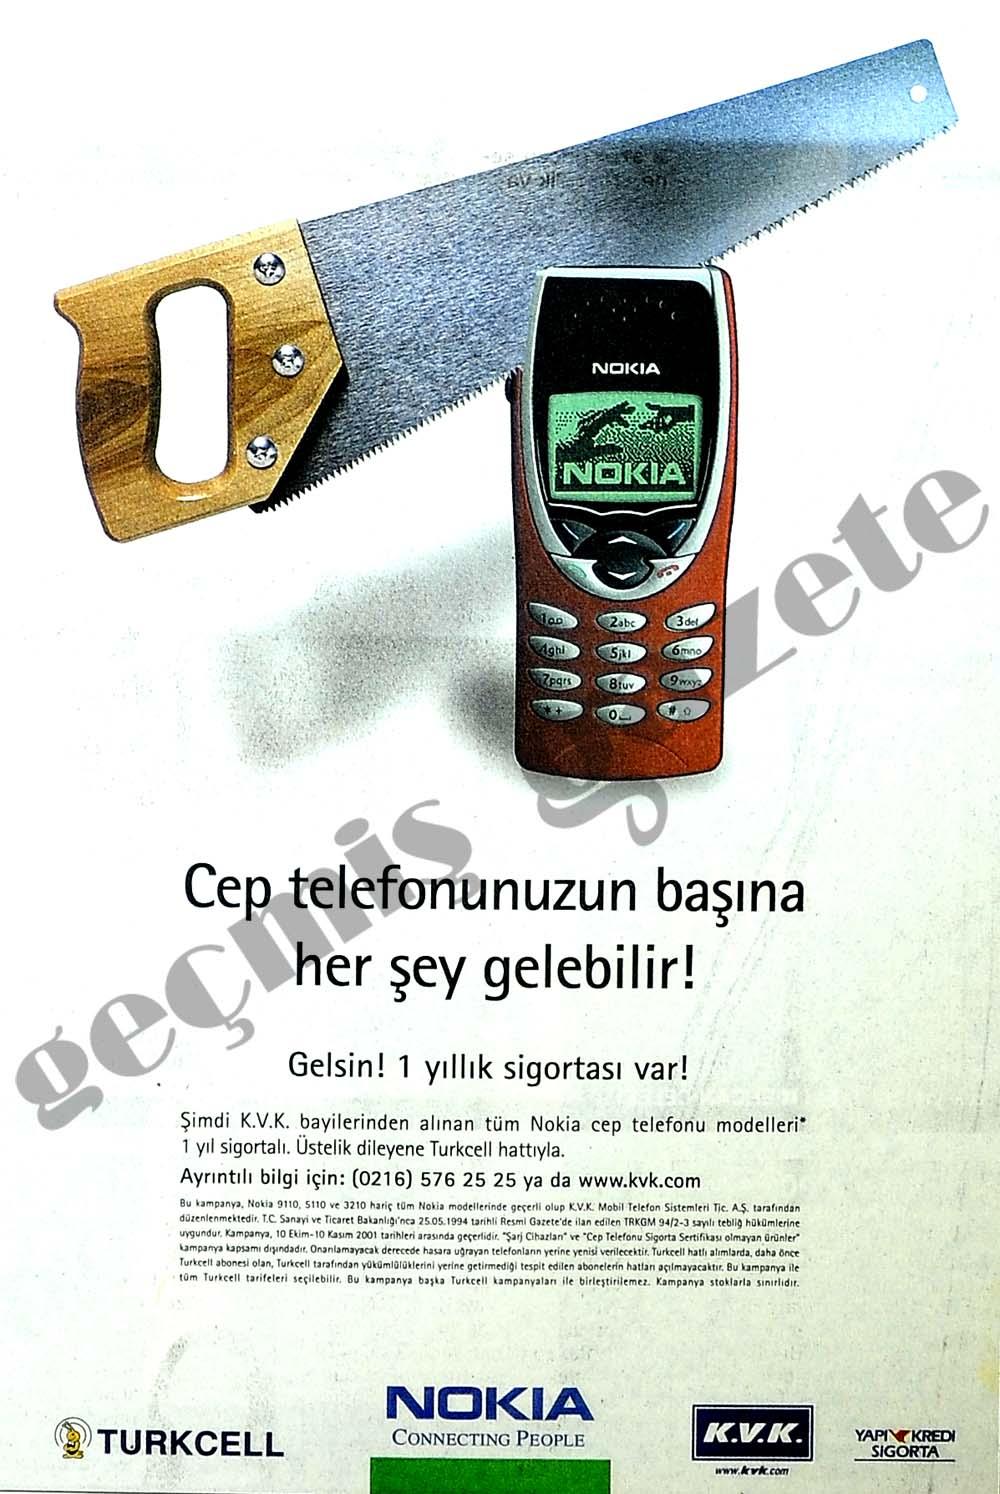 Cep telefonunuzun başına her şey gelebilir!